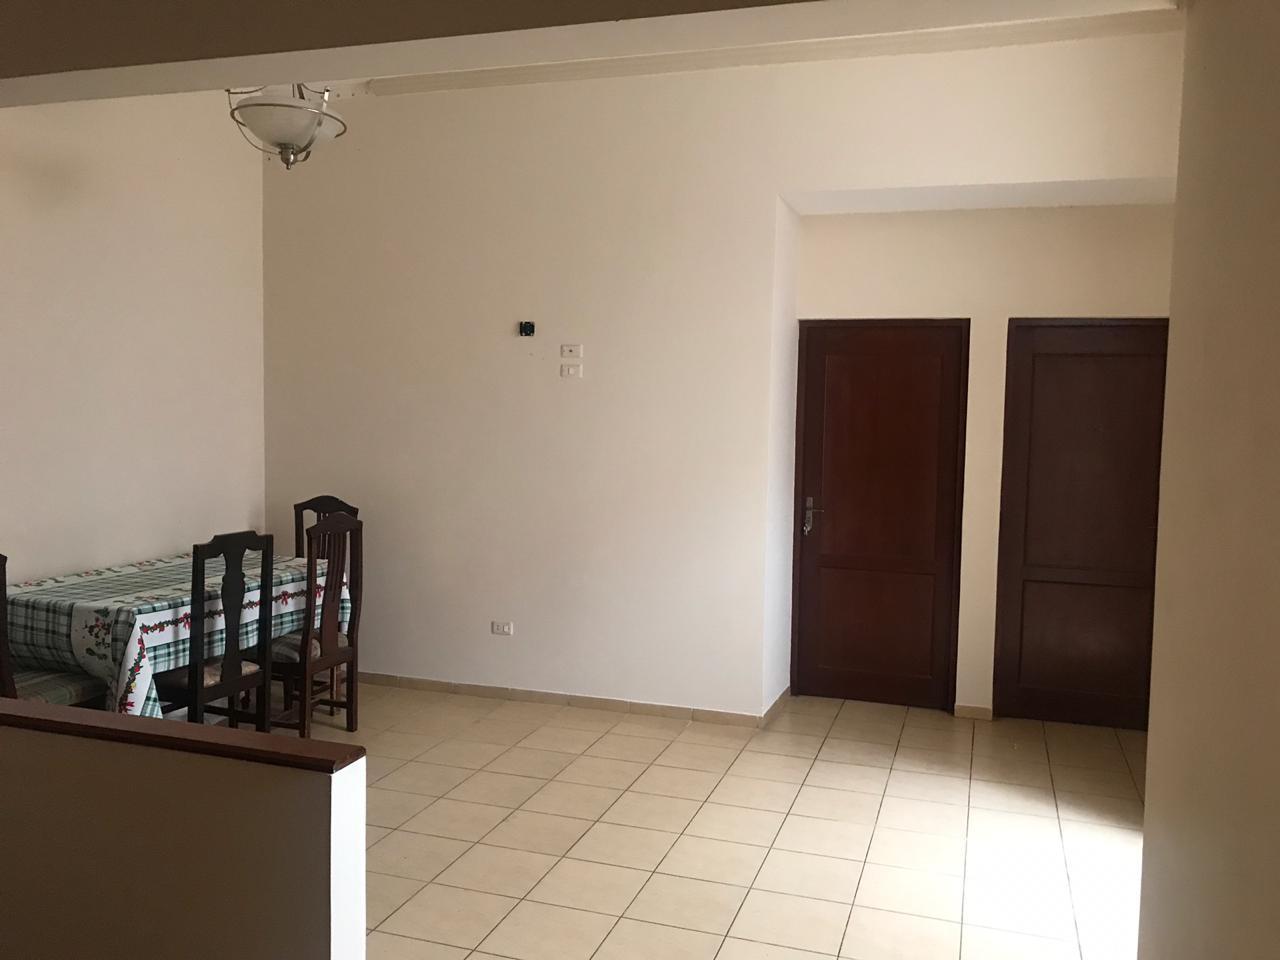 Casa en Venta AV. Hilanderia entre 4to y 5to anillo, entre Av. Pirai y Radial 17/5 Foto 9